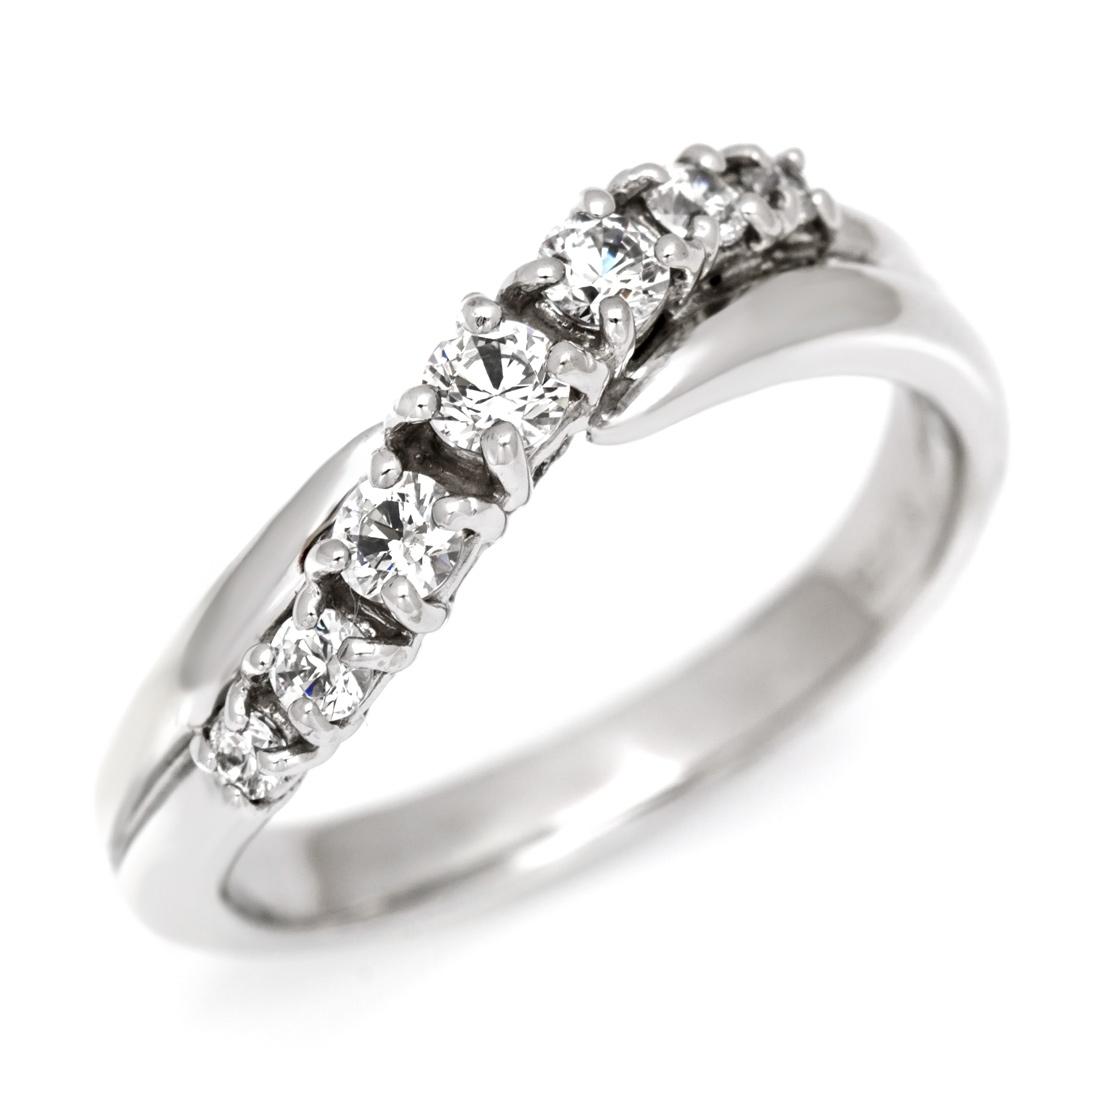 リング ダイヤモンド 0.28カラット プラチナ900